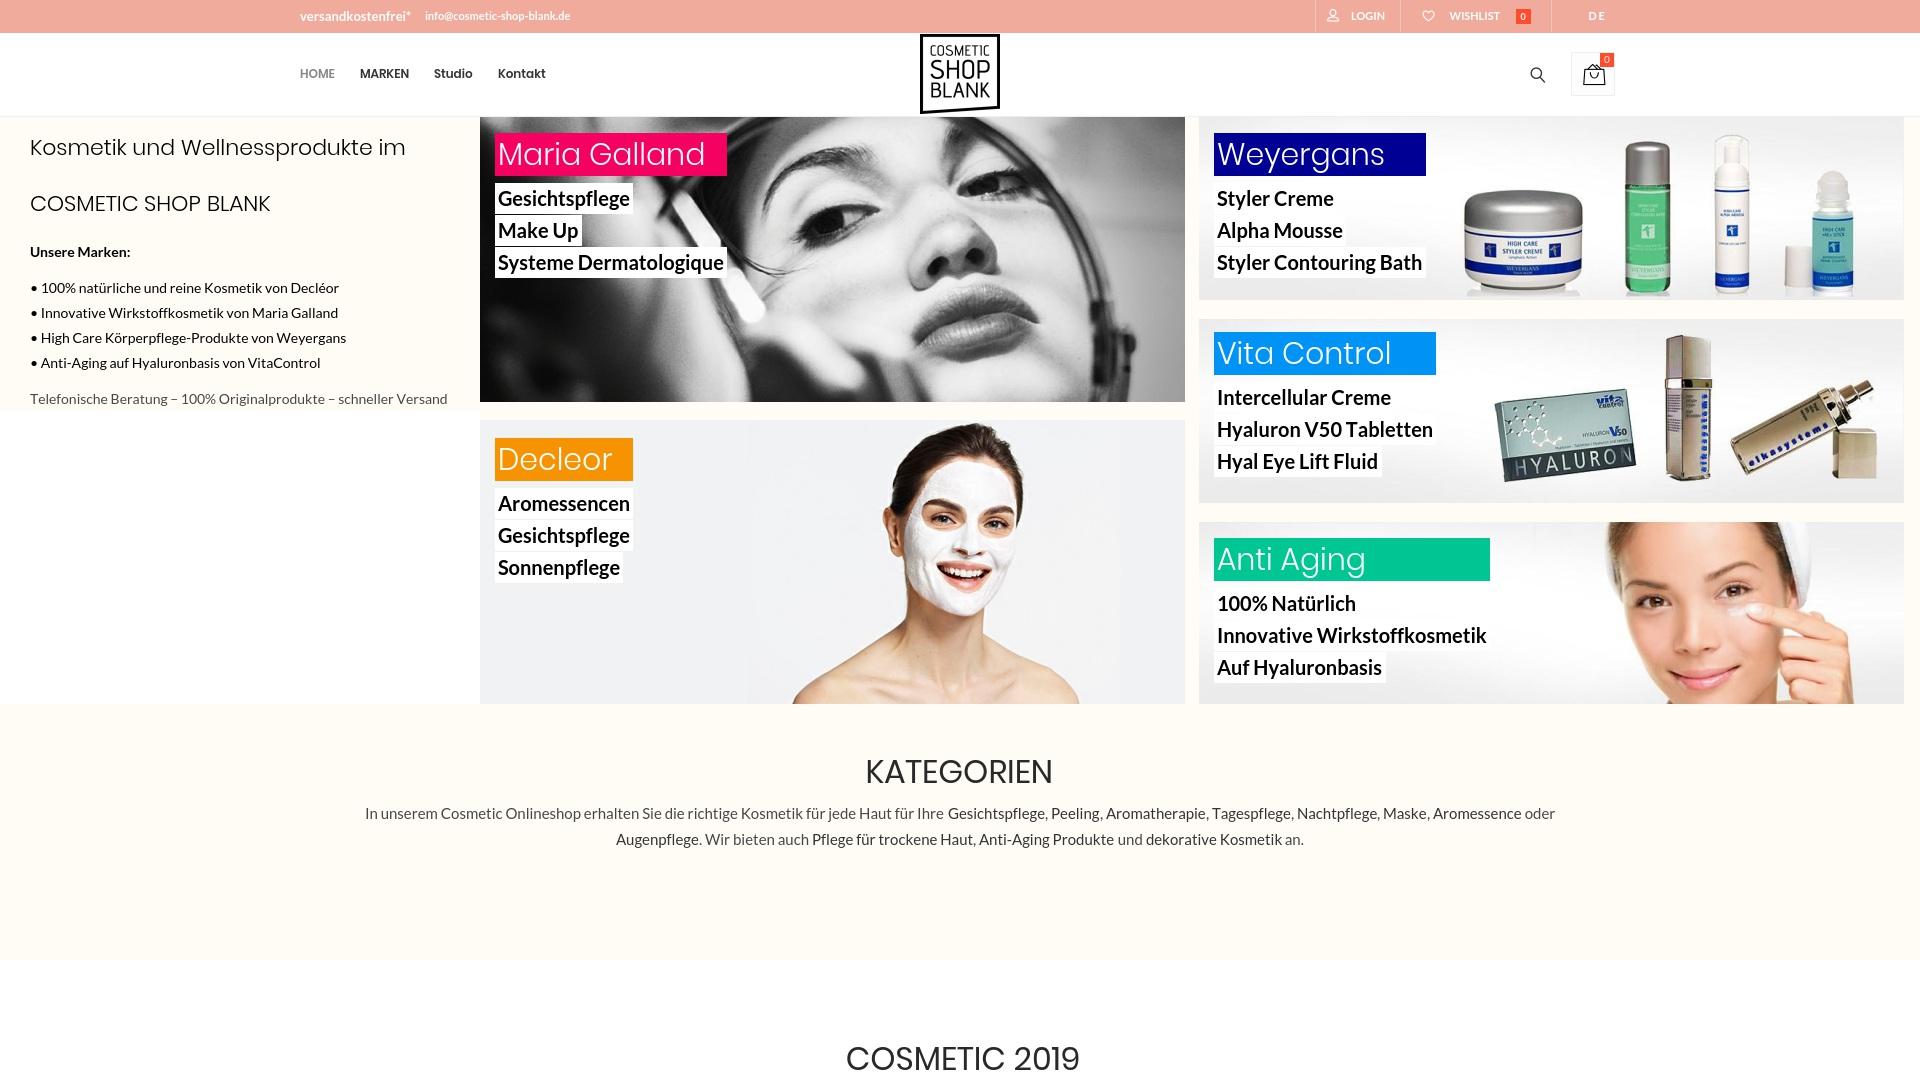 Gutschein für Cosmetic-shop-blank: Rabatte für  Cosmetic-shop-blank sichern